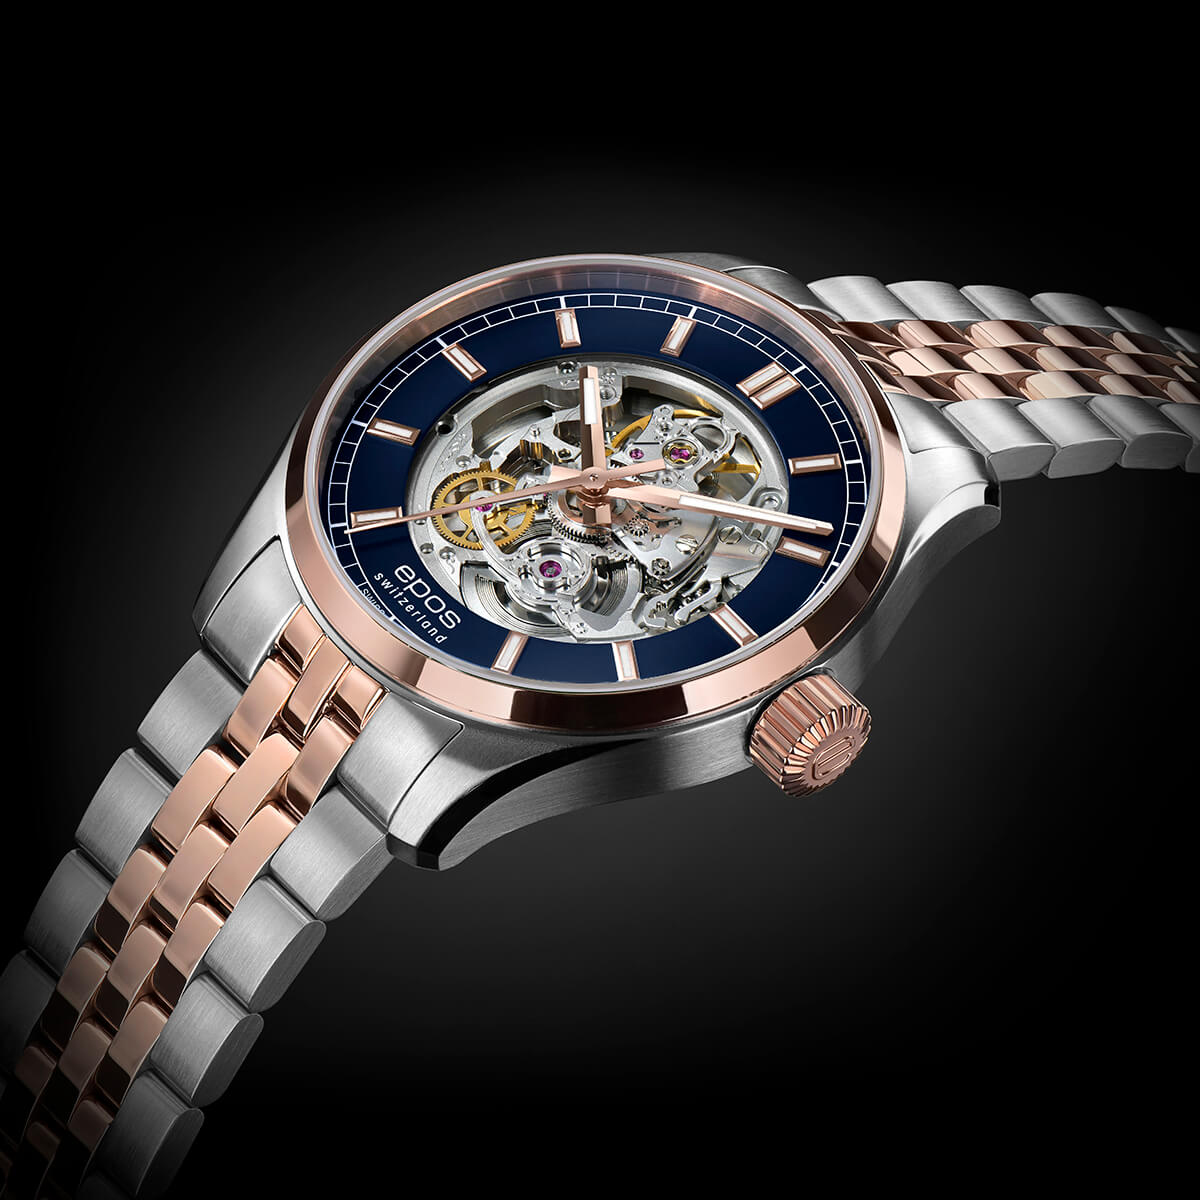 3501.135.34.16.44 zegarek męski Passion